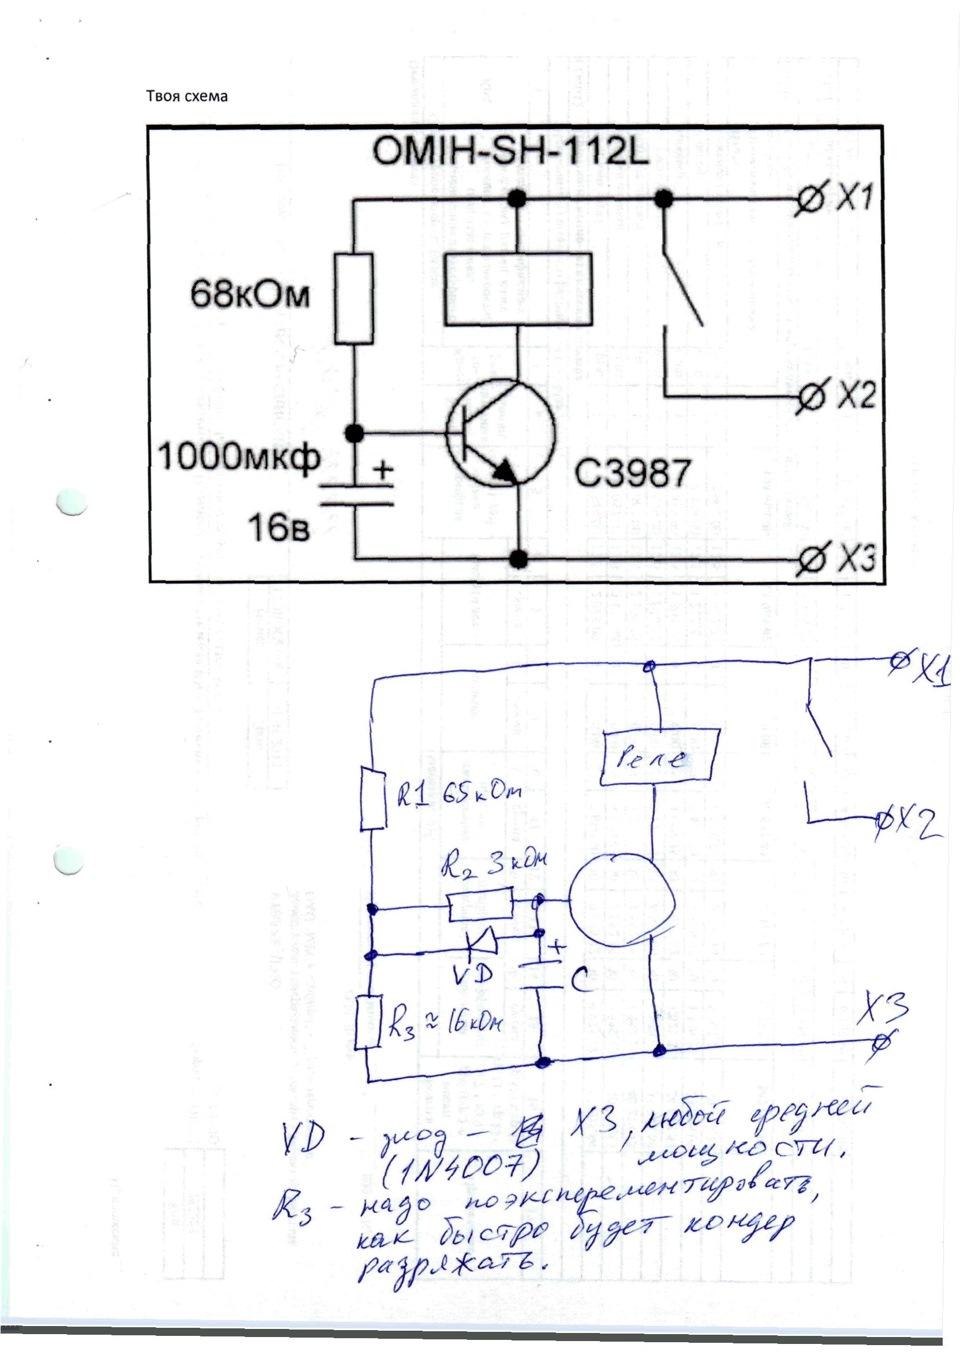 включение трaнзисторa в схему